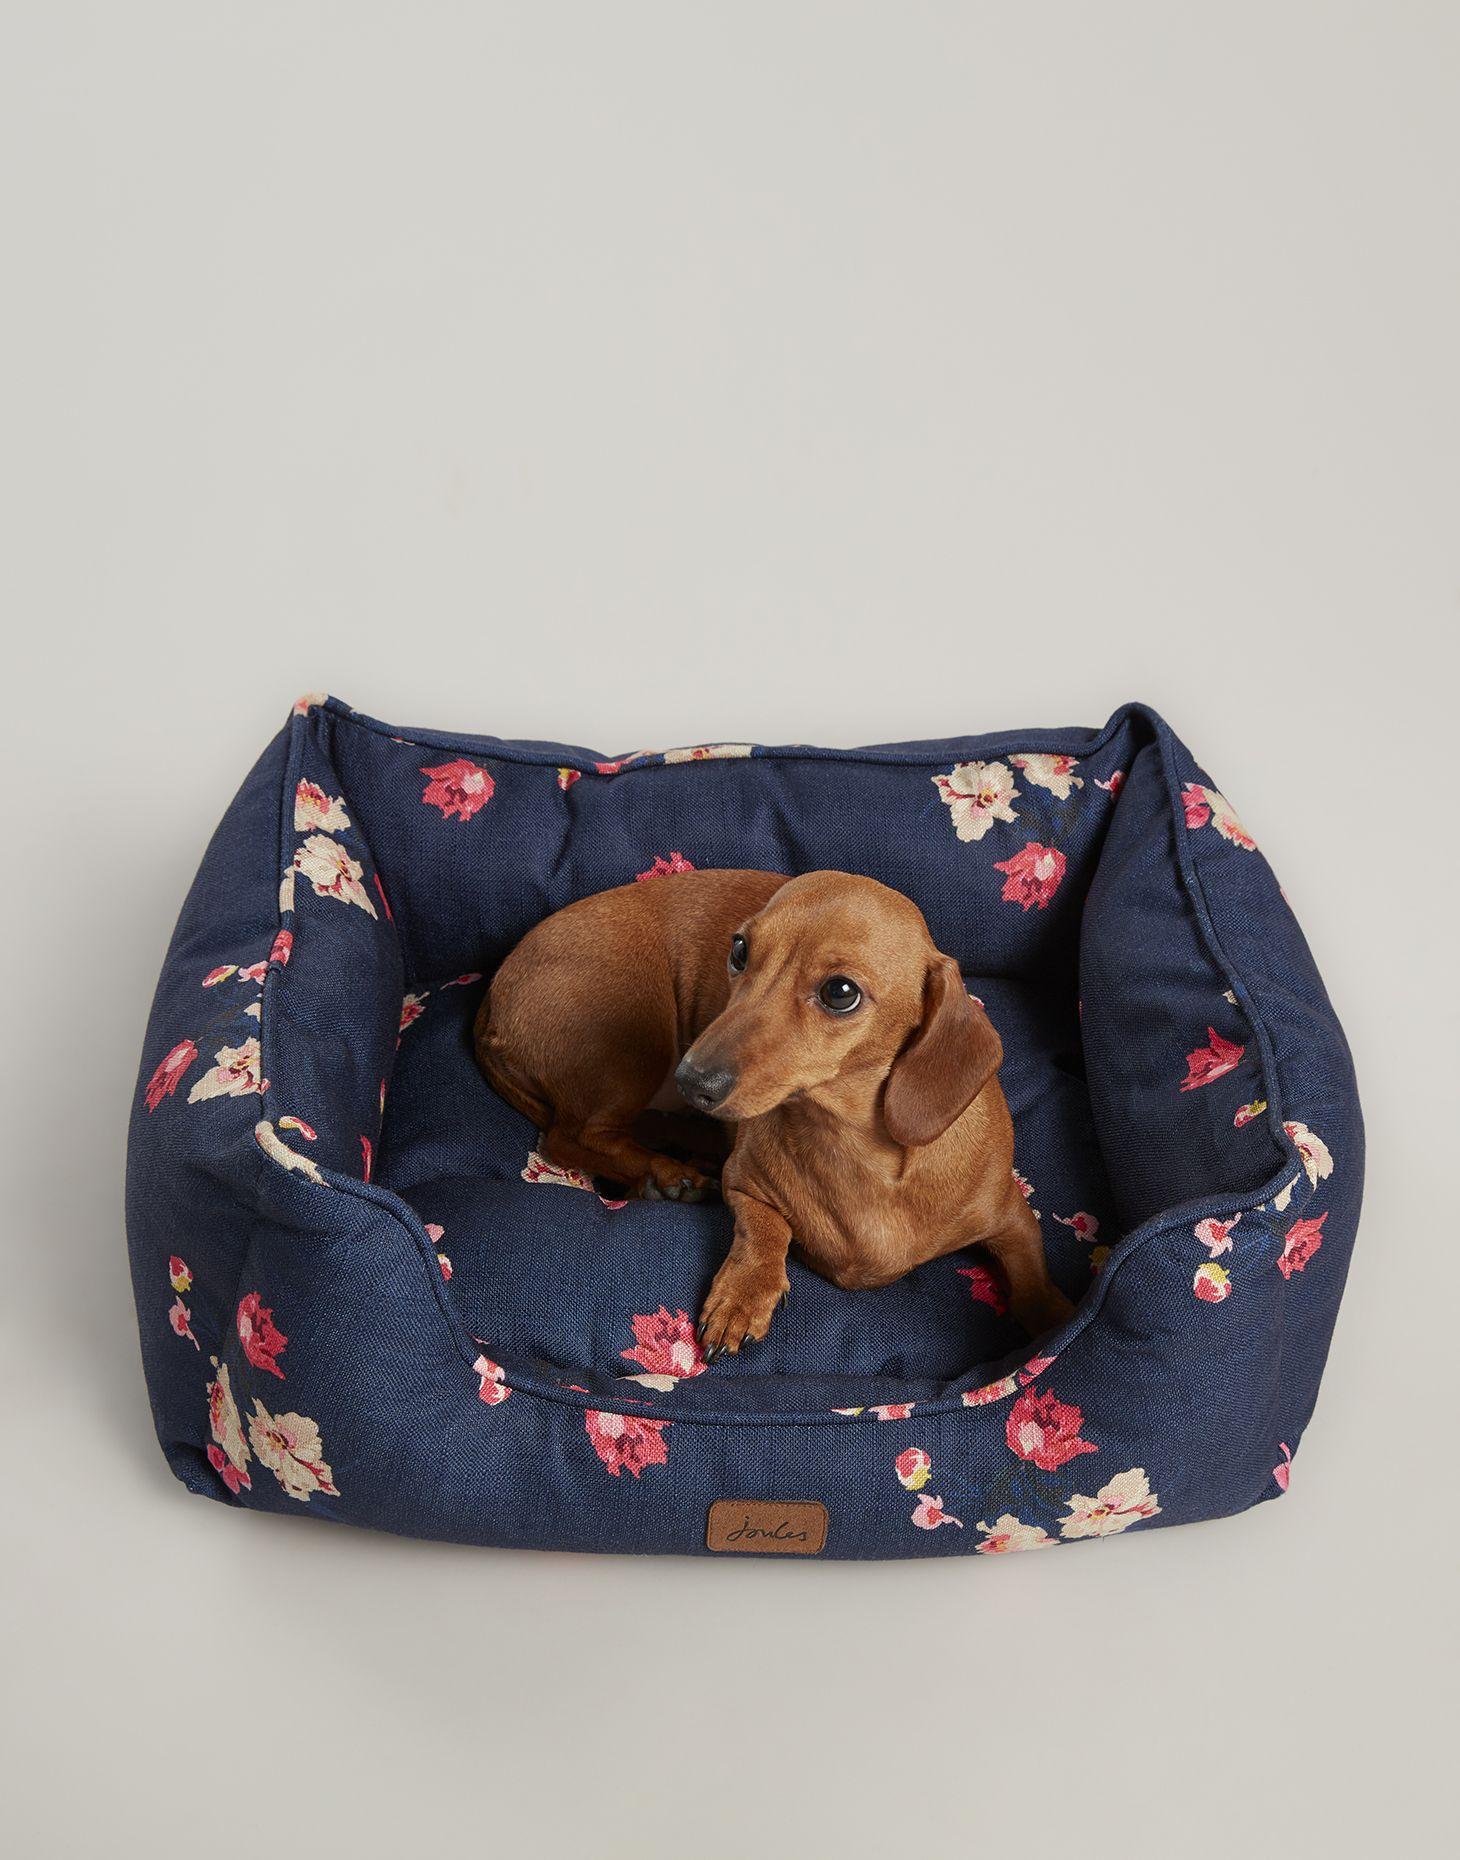 Floral Percher Square Navy Floral Pet Bed Joules Uk